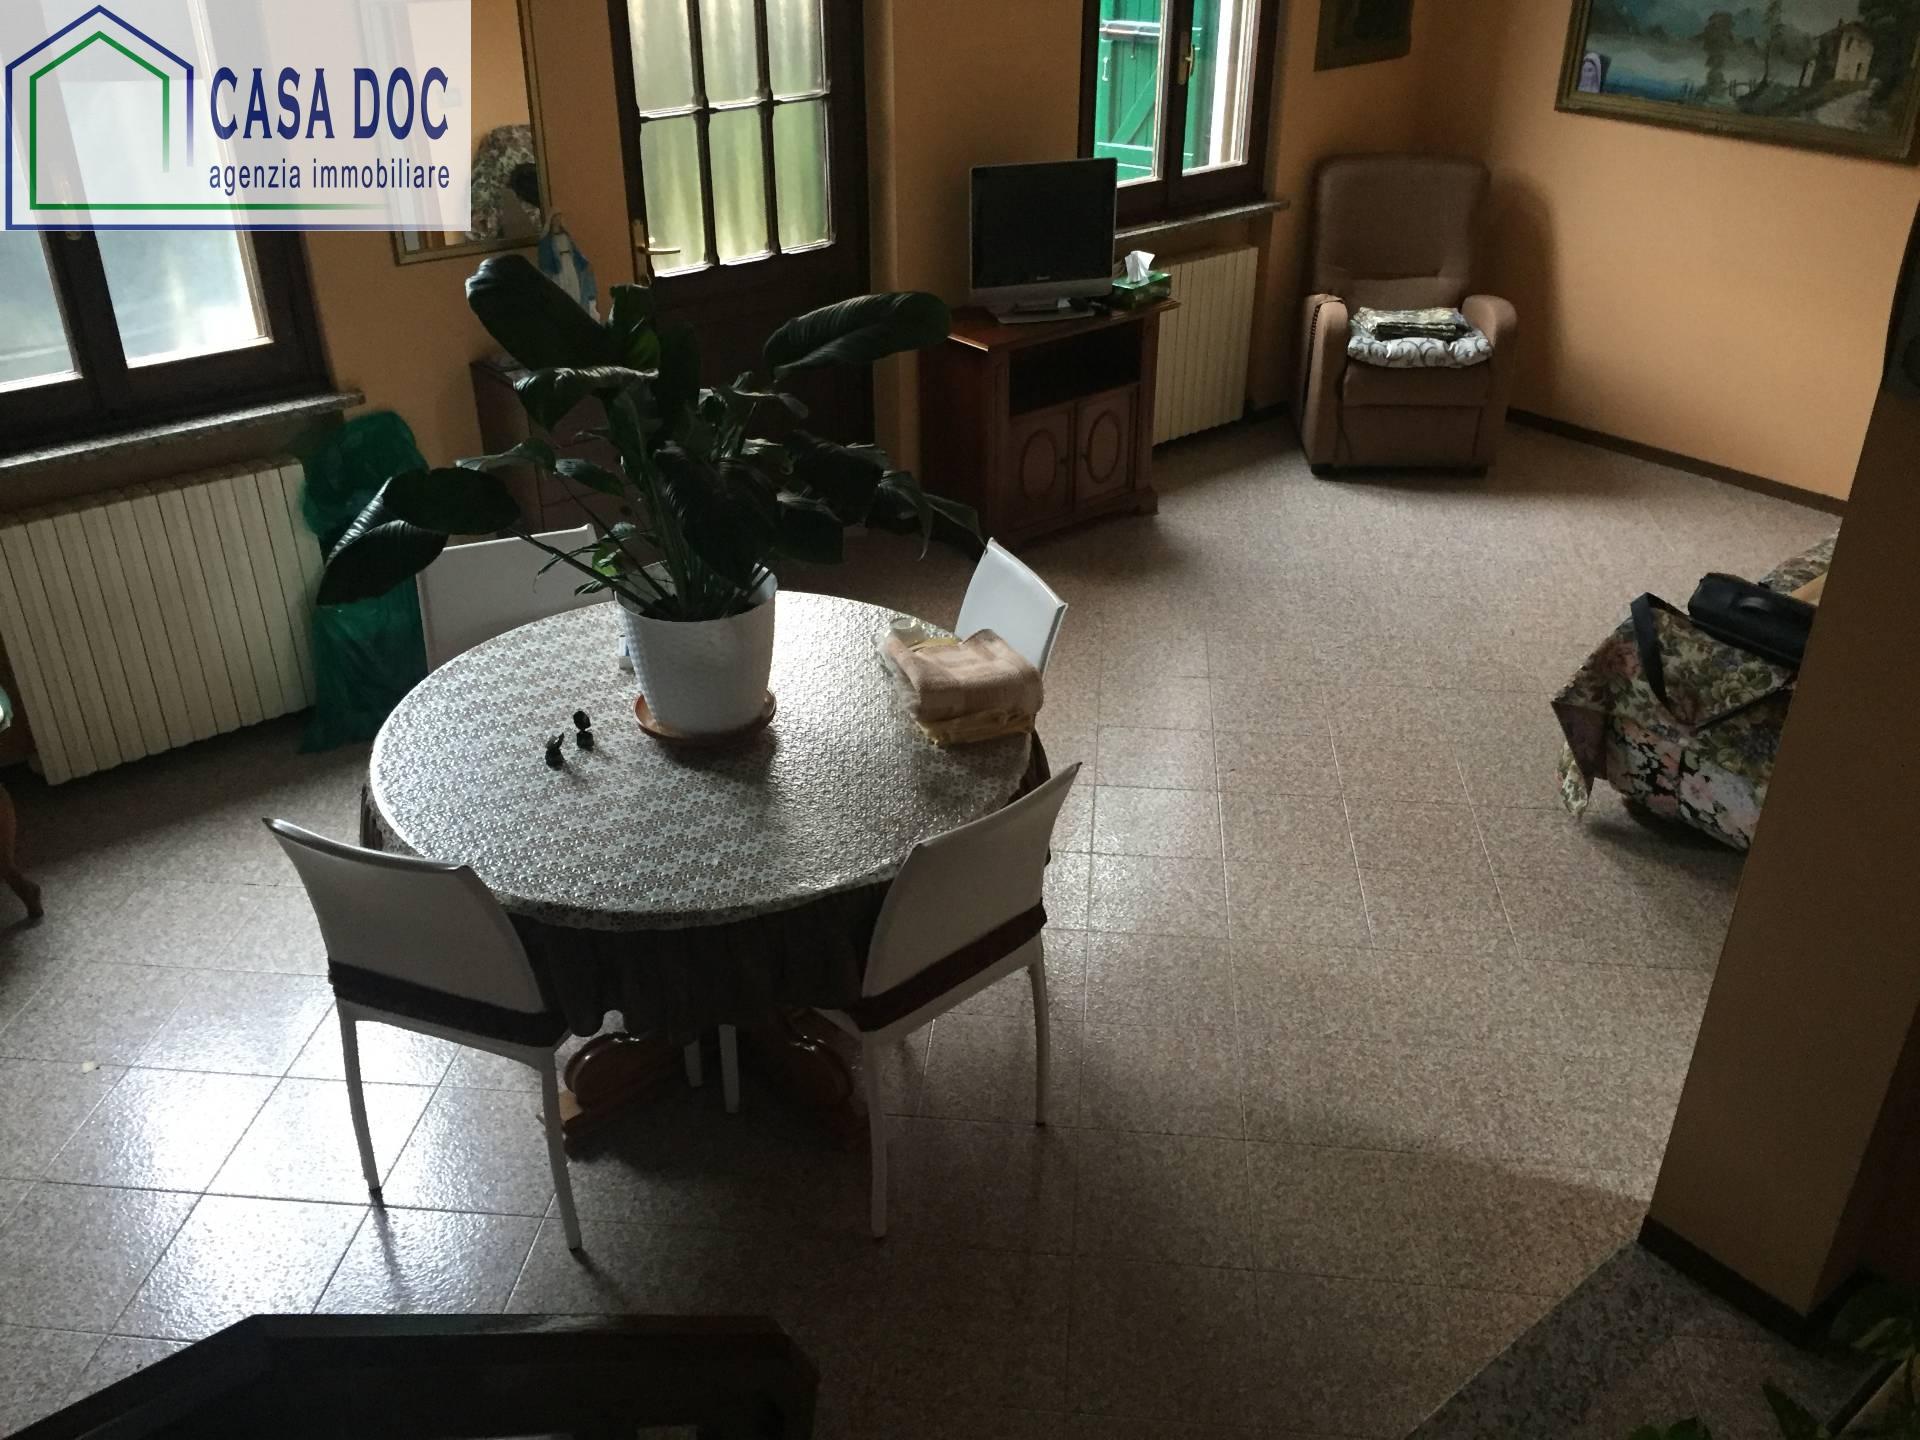 Soluzione Semindipendente in vendita a Vidigulfo, 3 locali, prezzo € 127.000 | Cambio Casa.it